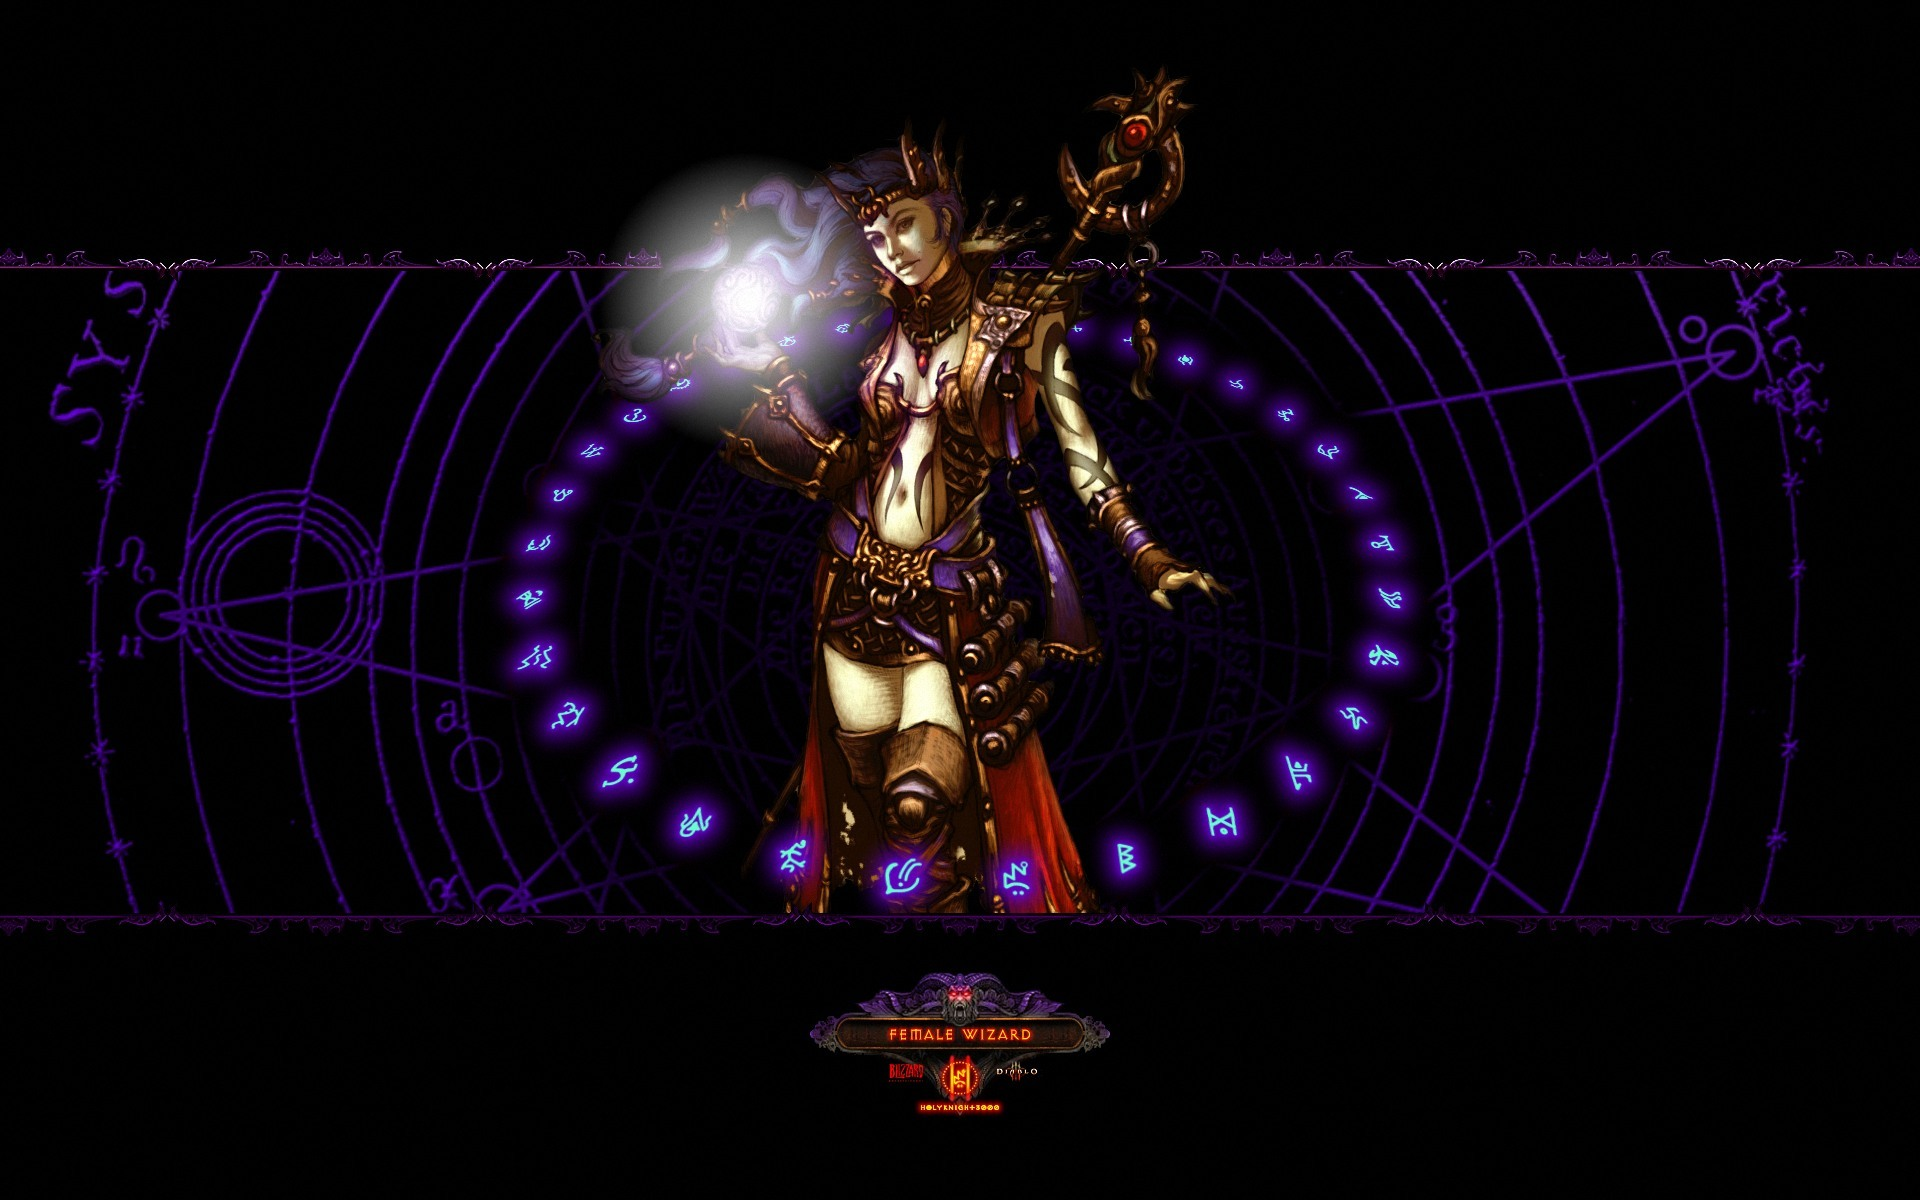 Diablo 3 RoS Wallpaper